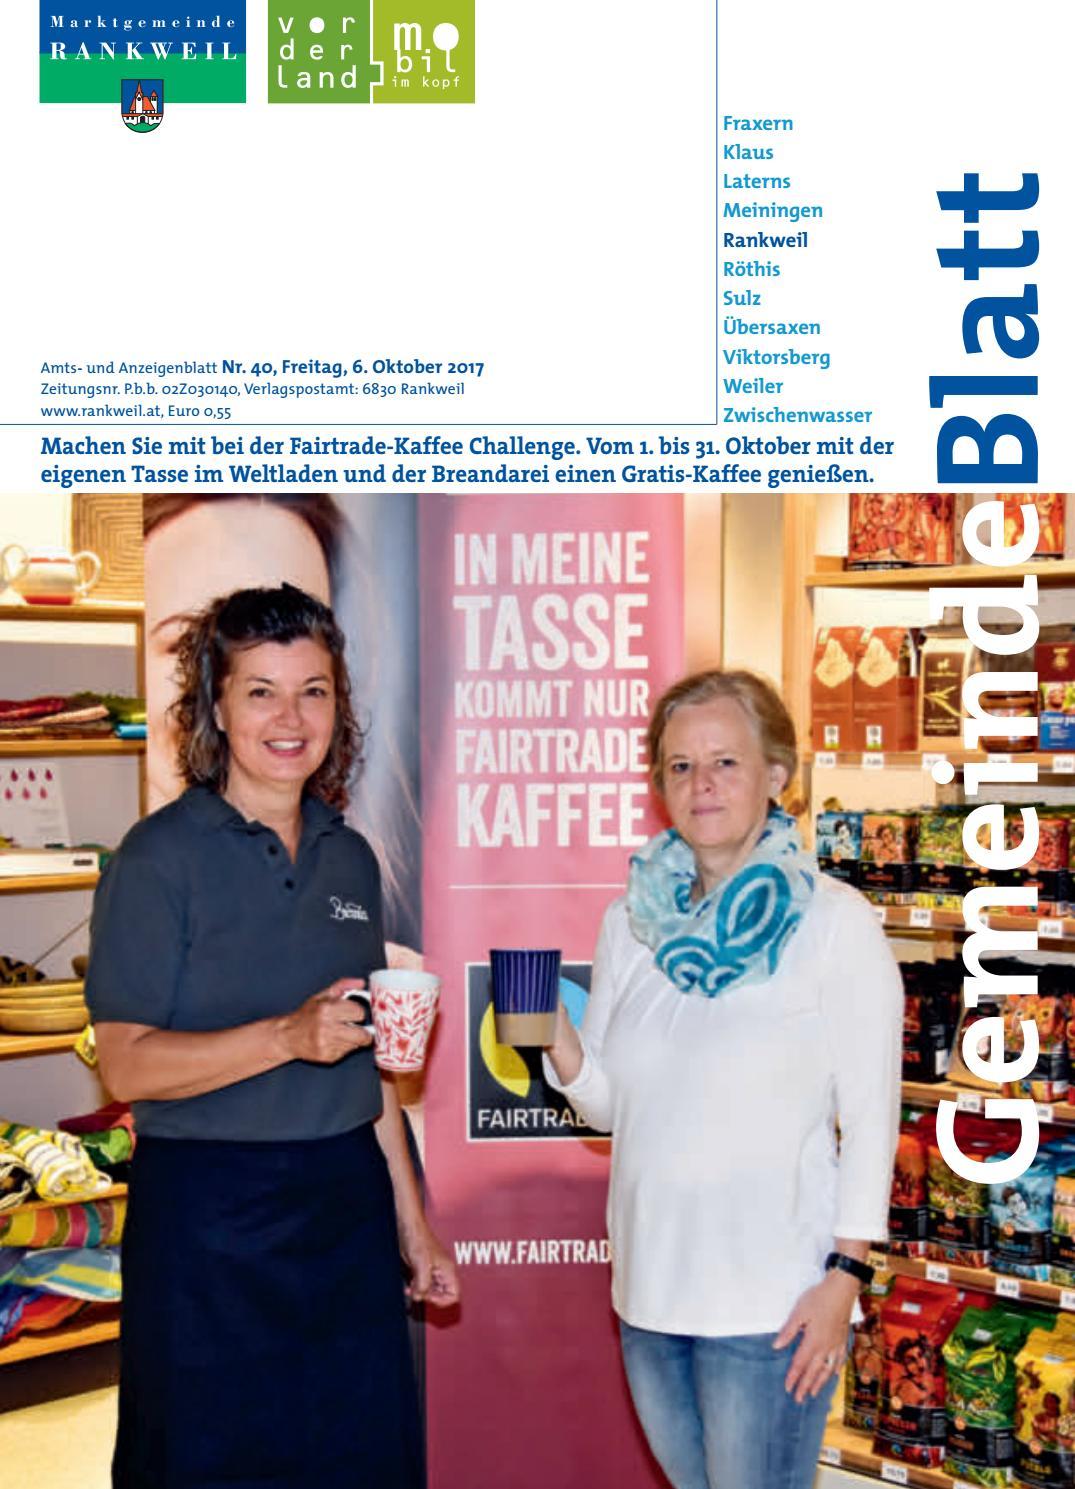 Partyportal Fr Singles In Rankweil, Alte Frau Sucht Jungen